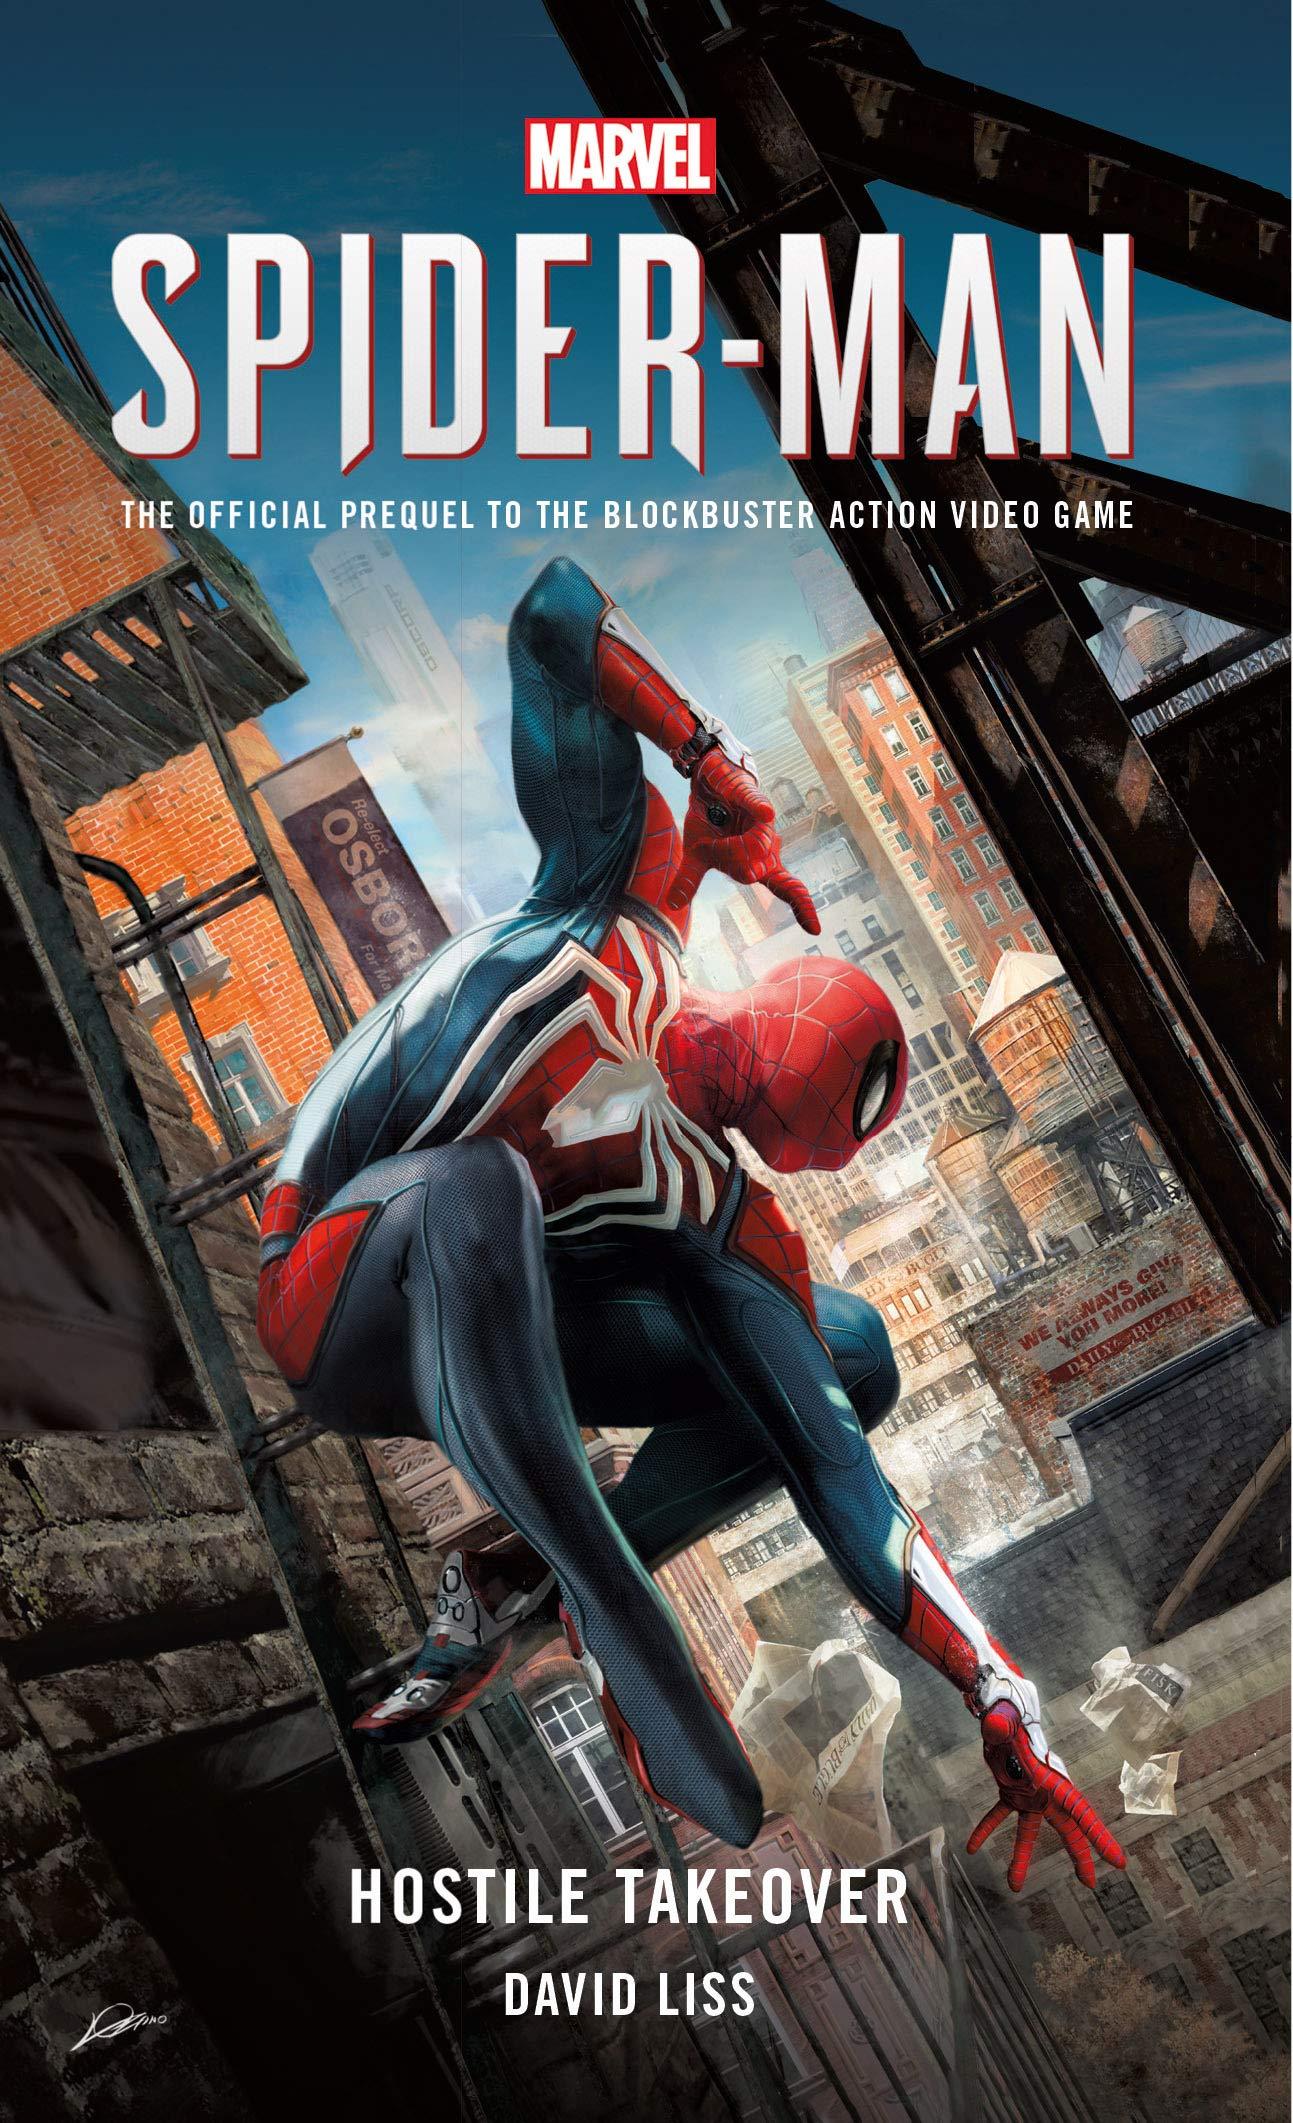 دانلود کالکشن فیلم های مرد عنکبوتی 2002-2019